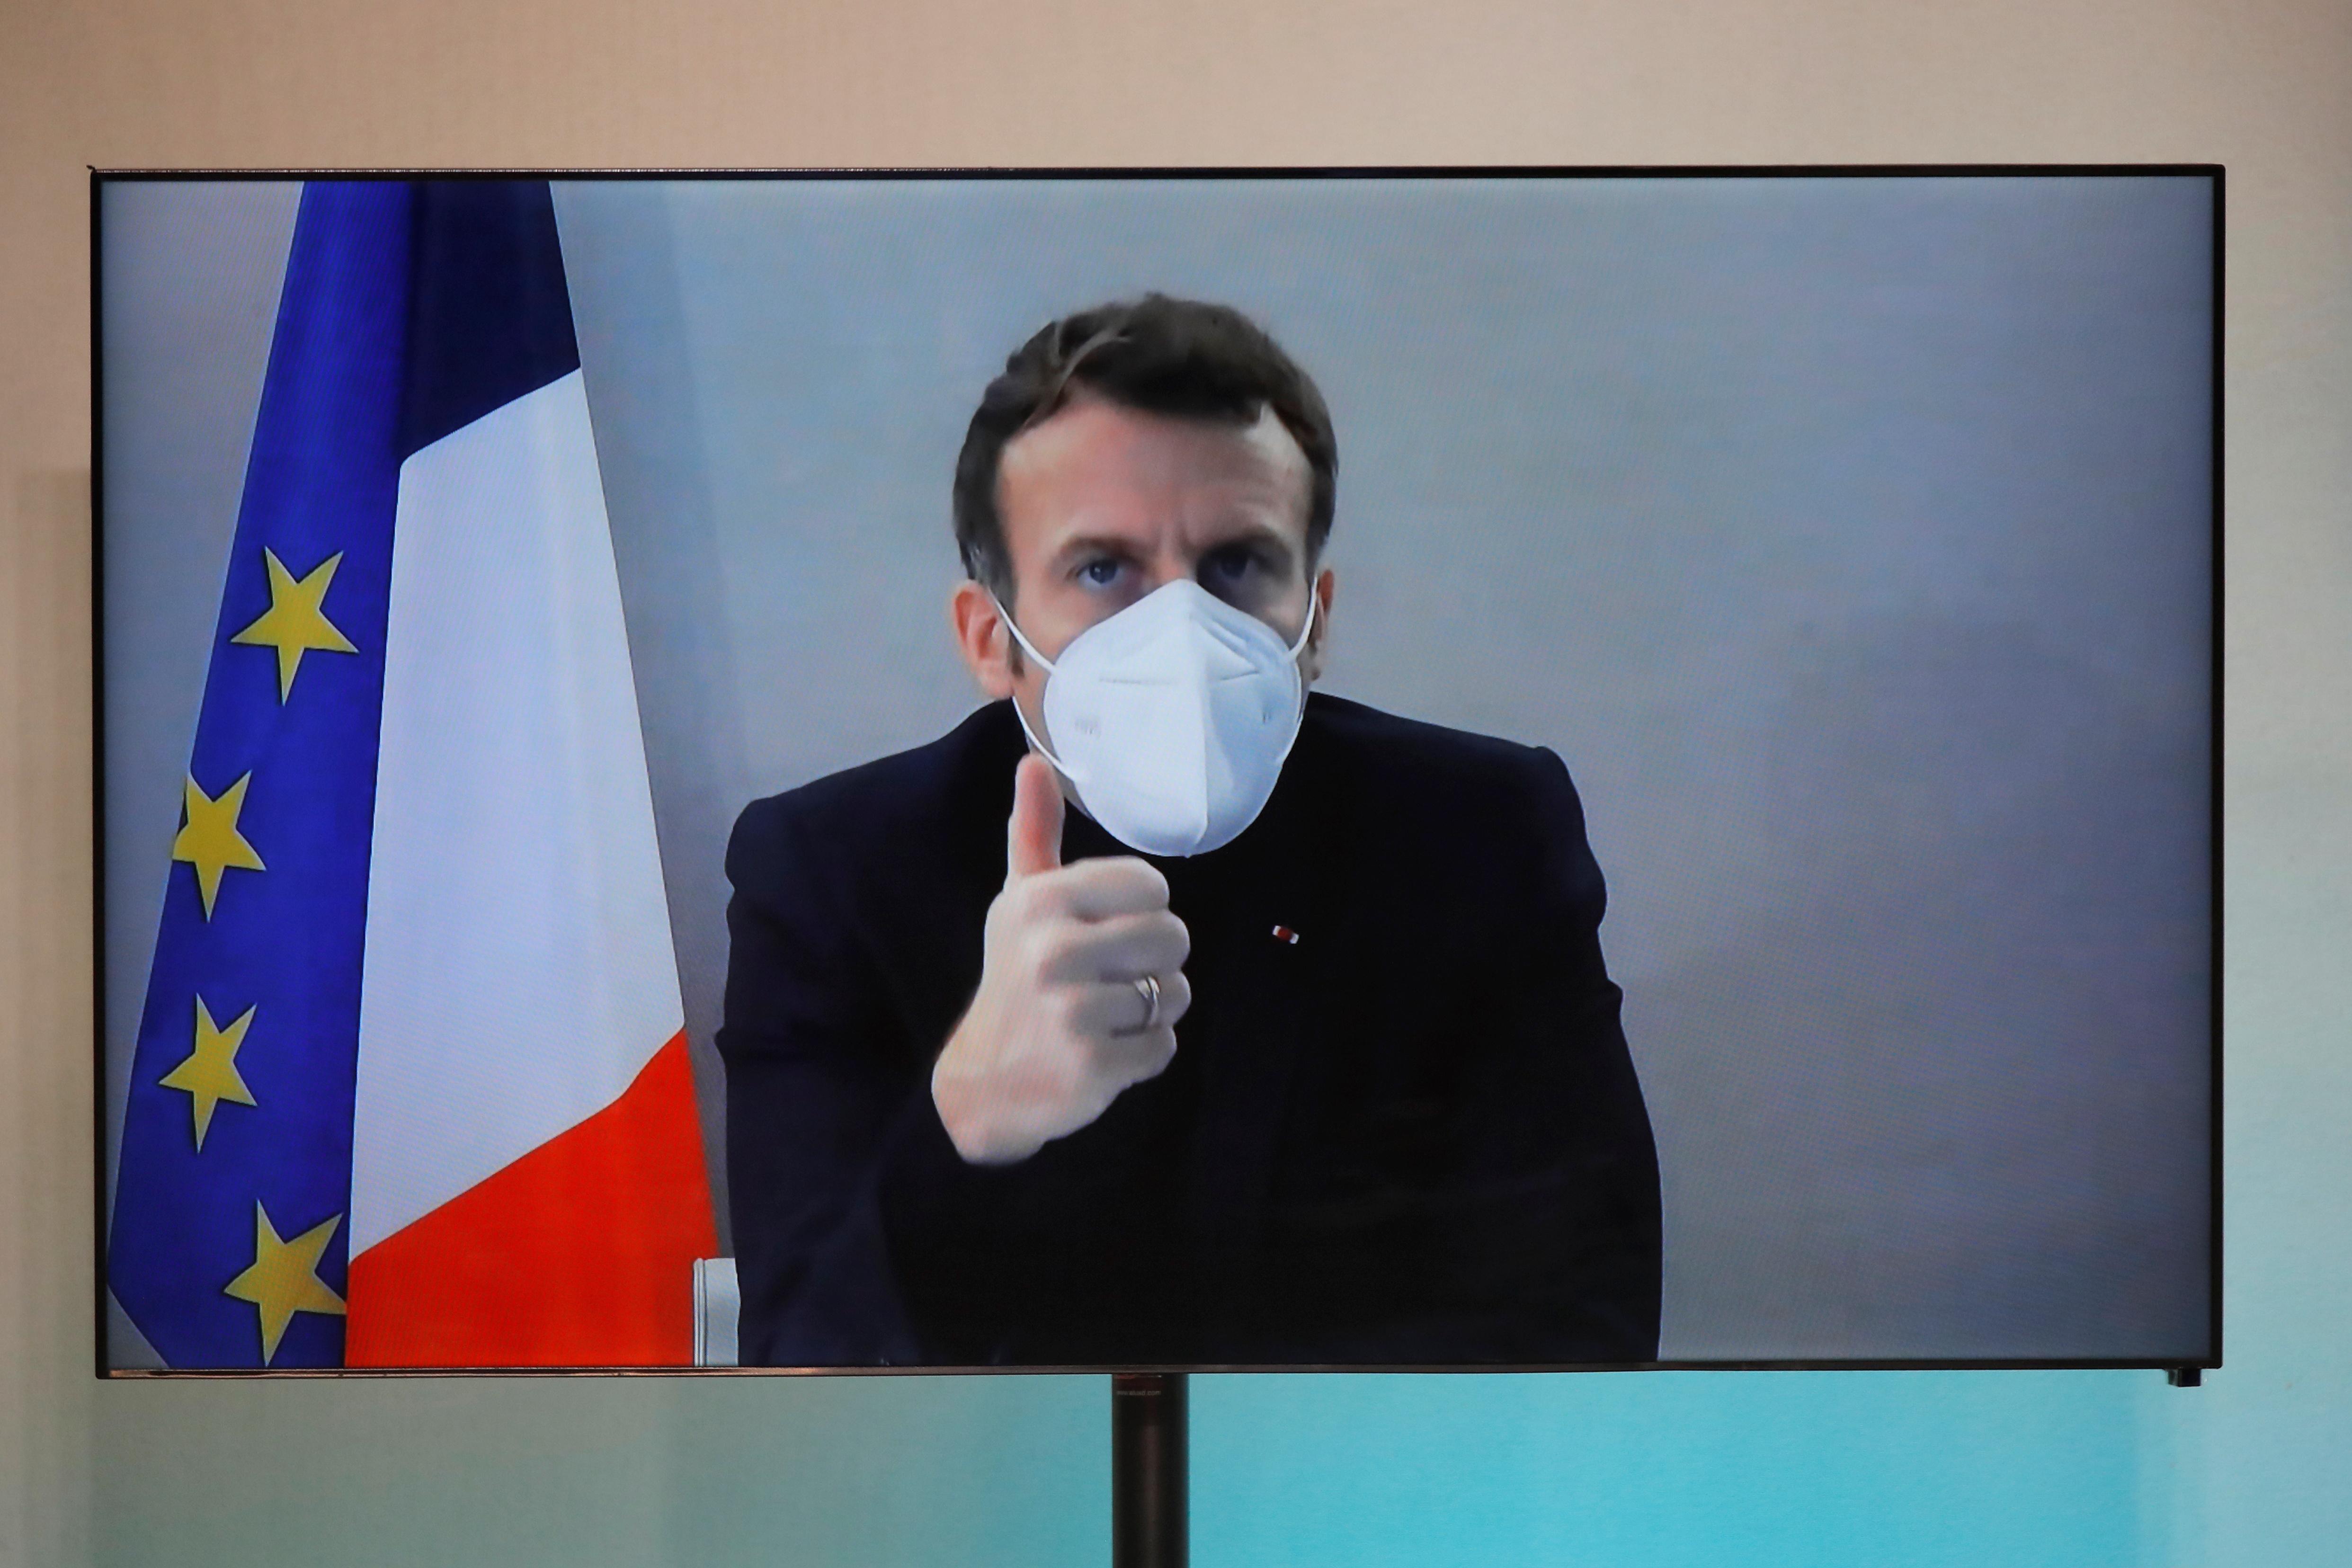 El presidente francés Emmanuel Macron, que dio positivo por la enfermedad del coronavirus (COVID-19), se ve en una pantalla mientras asiste por videoconferencia a una mesa redonda para la Conferencia Nacional Humanitaria (NHC)